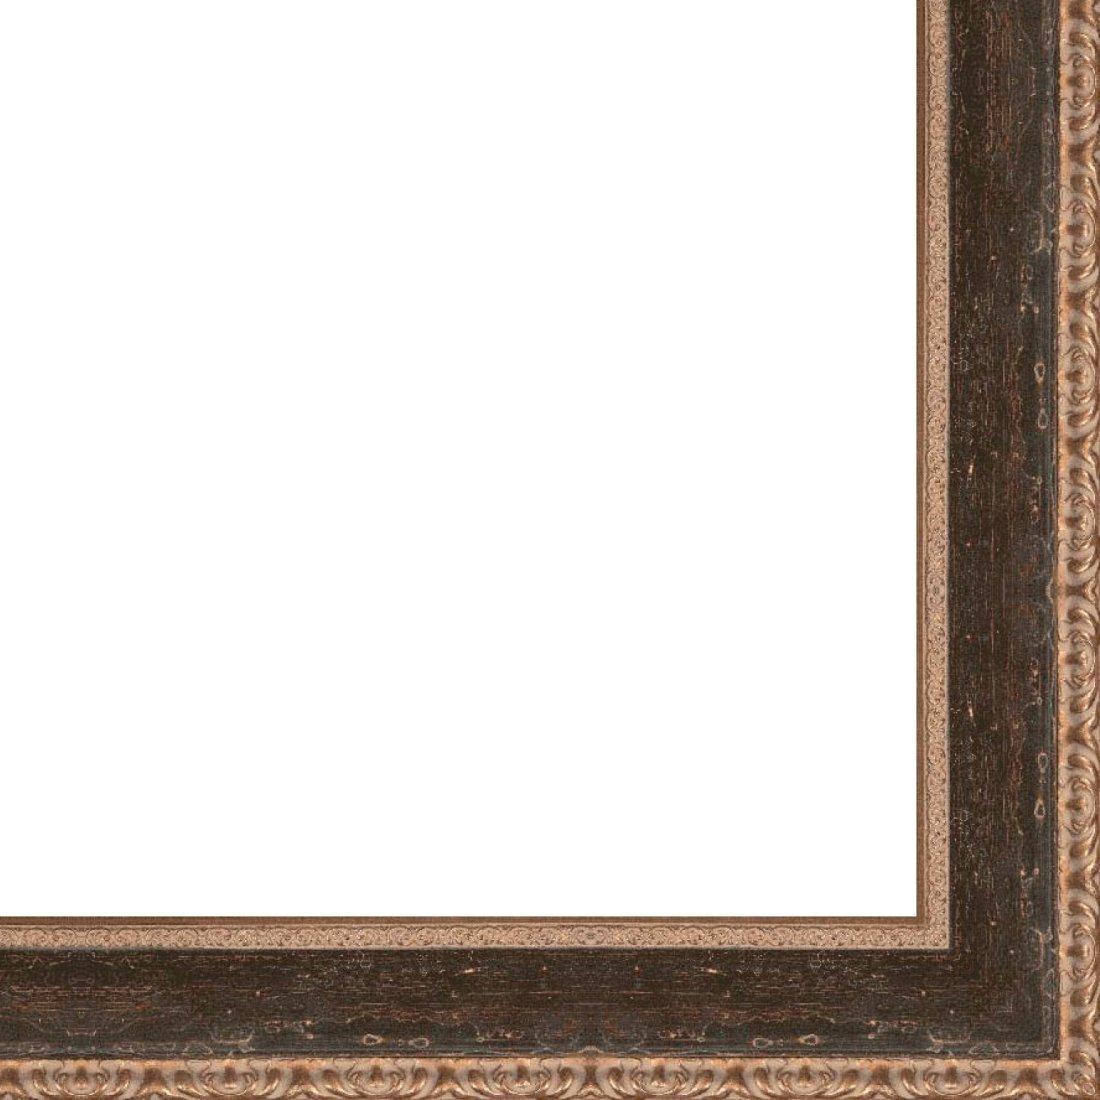 Picture Frame Moulding (Wood) 18ft bundle - Distressed/Aged Black Finish - 2.75'' width - 7/16'' rabbet depth